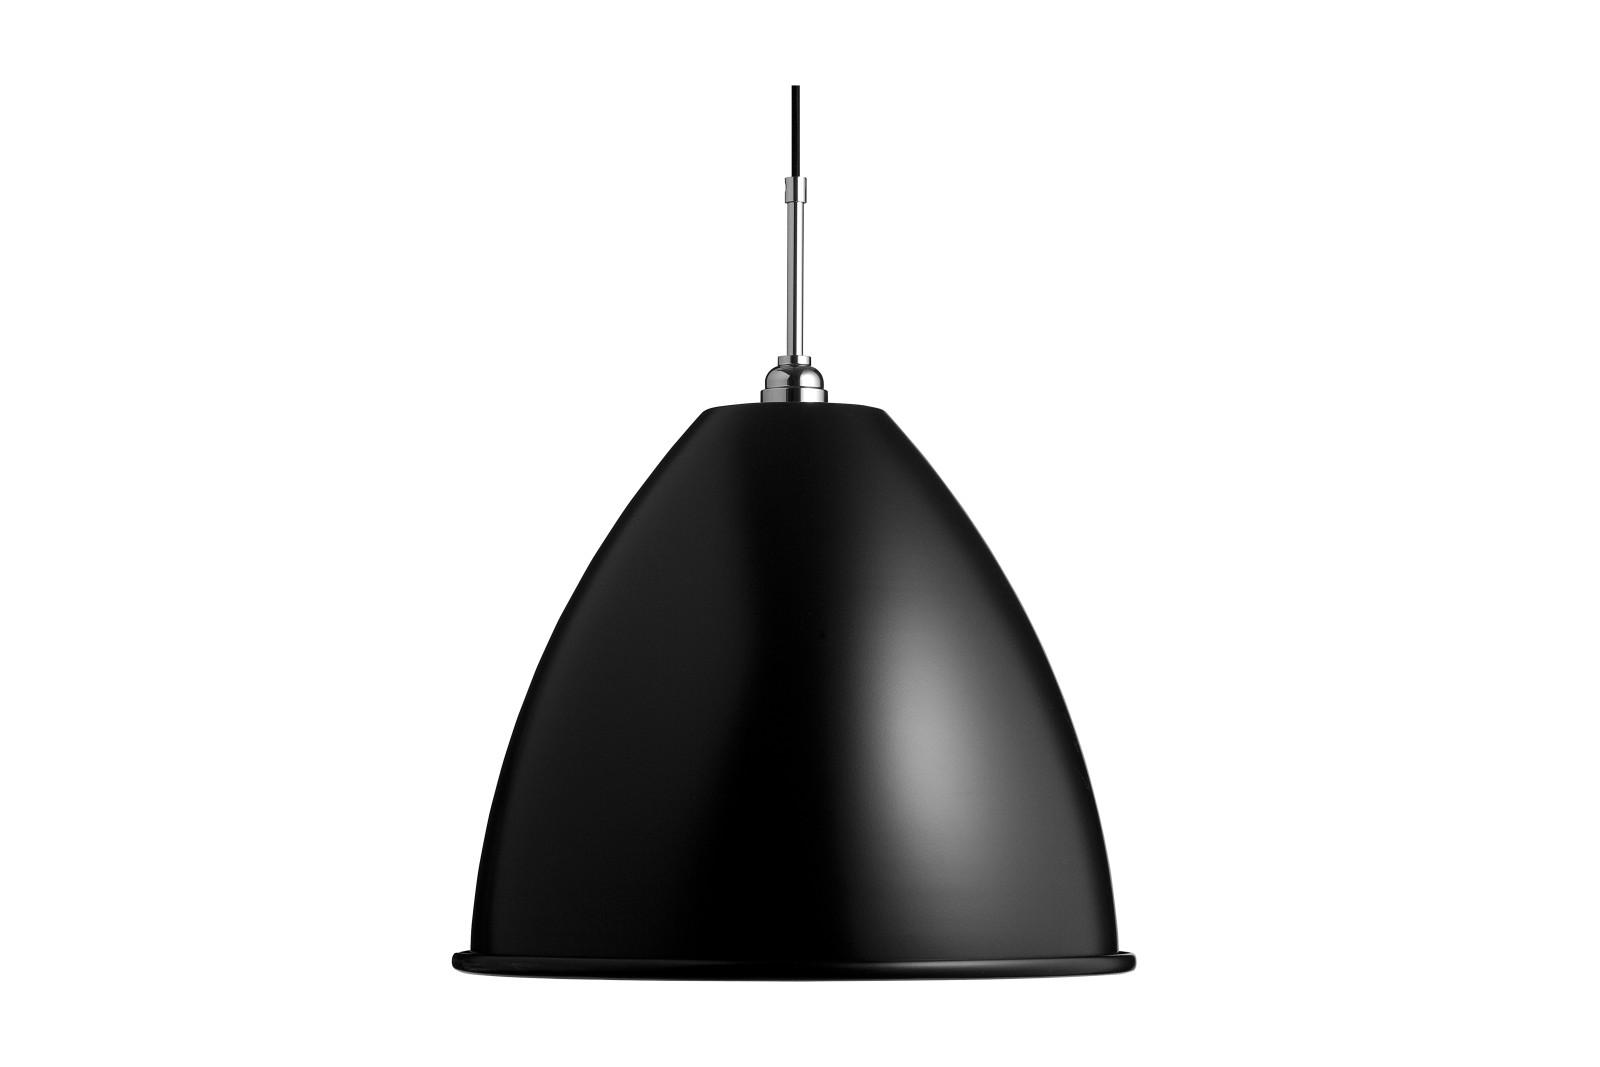 Bestlite BL9 Large Pendant Light Matt Black / Chrome